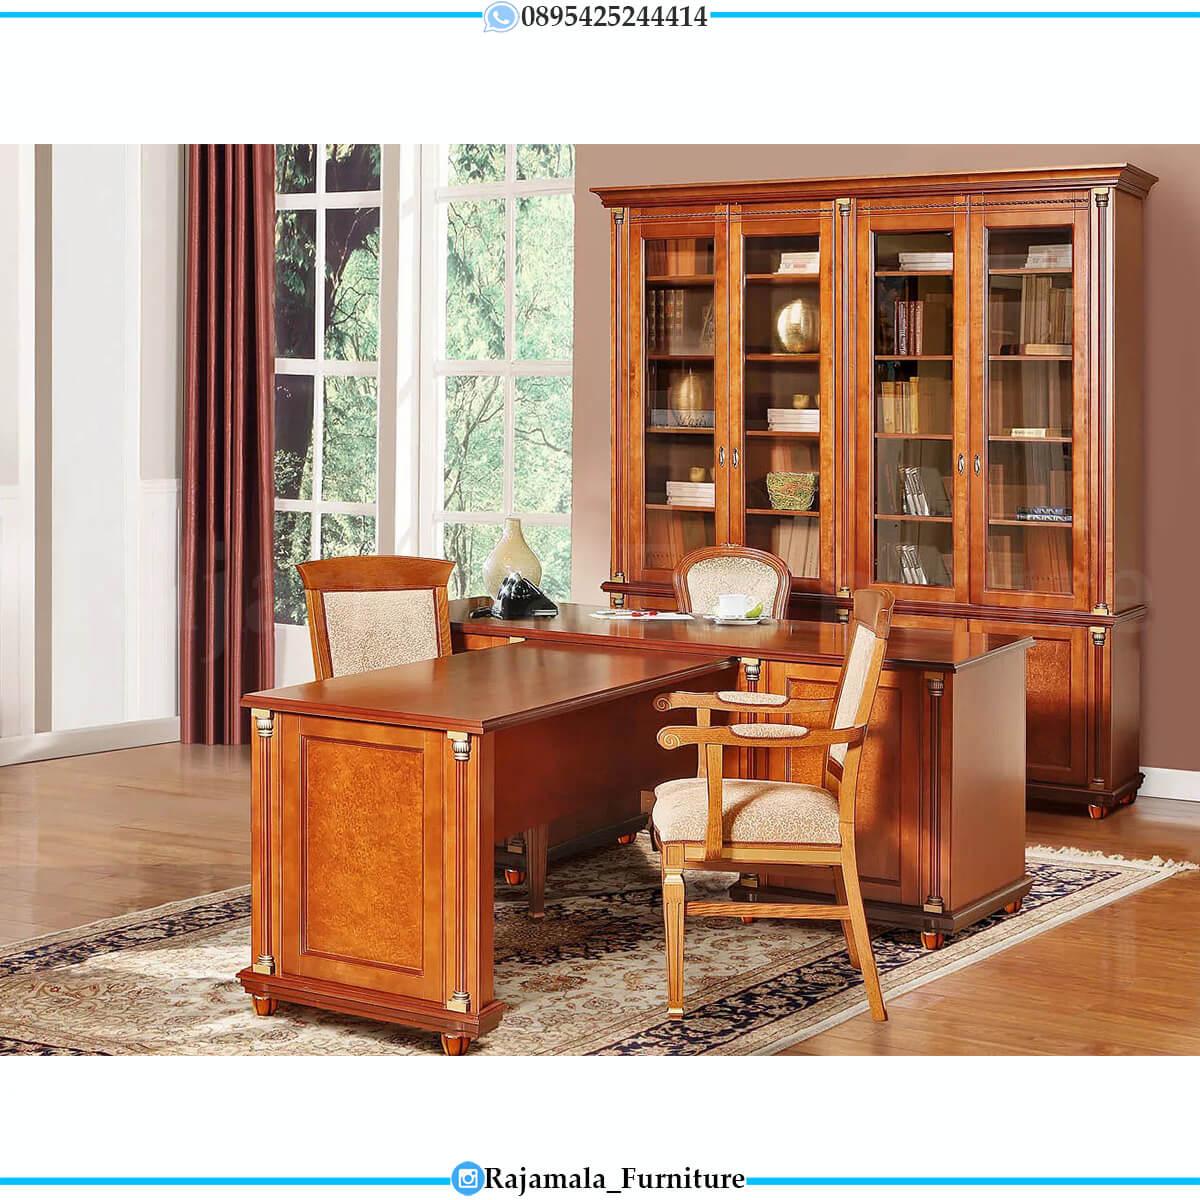 Desain Meja Kantor Mewah Jati Natural Classic Luxury Furniture Jepara RM-0575